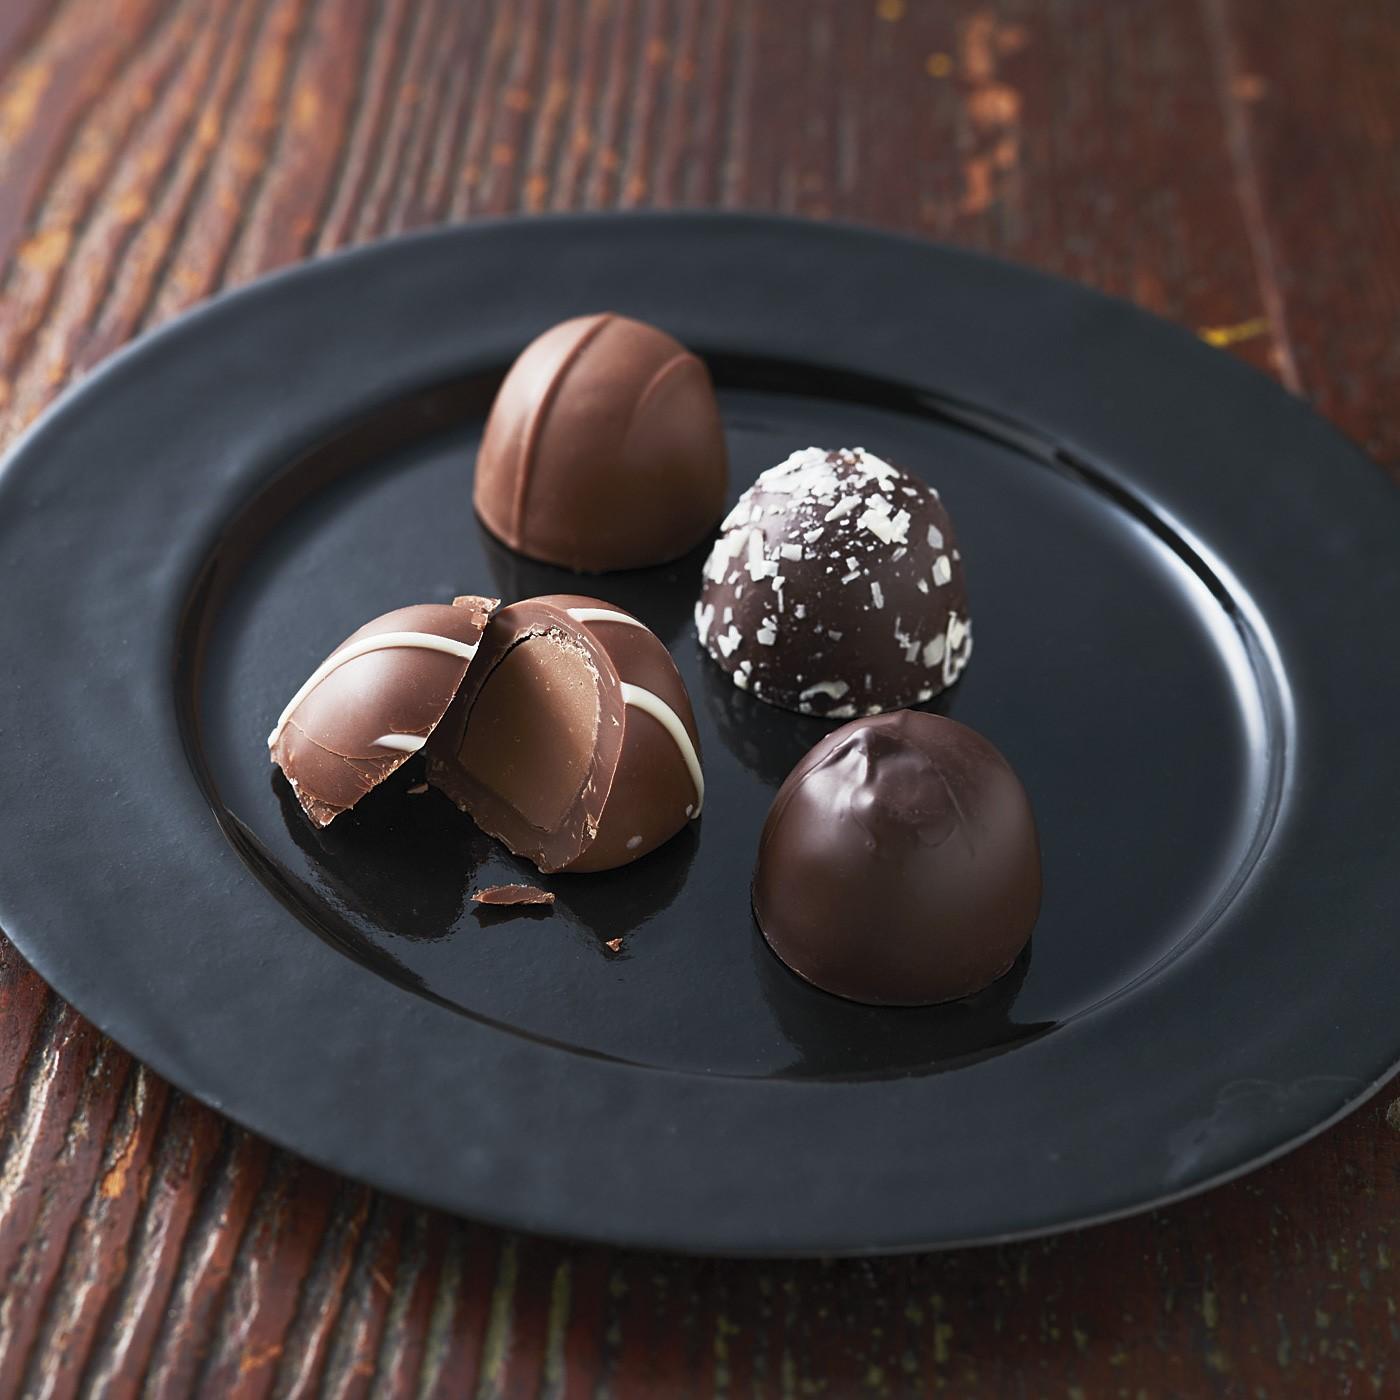 【ホワイトデイお届け】バトラーズ フェイマスアイリッシュチョコレートコレクション